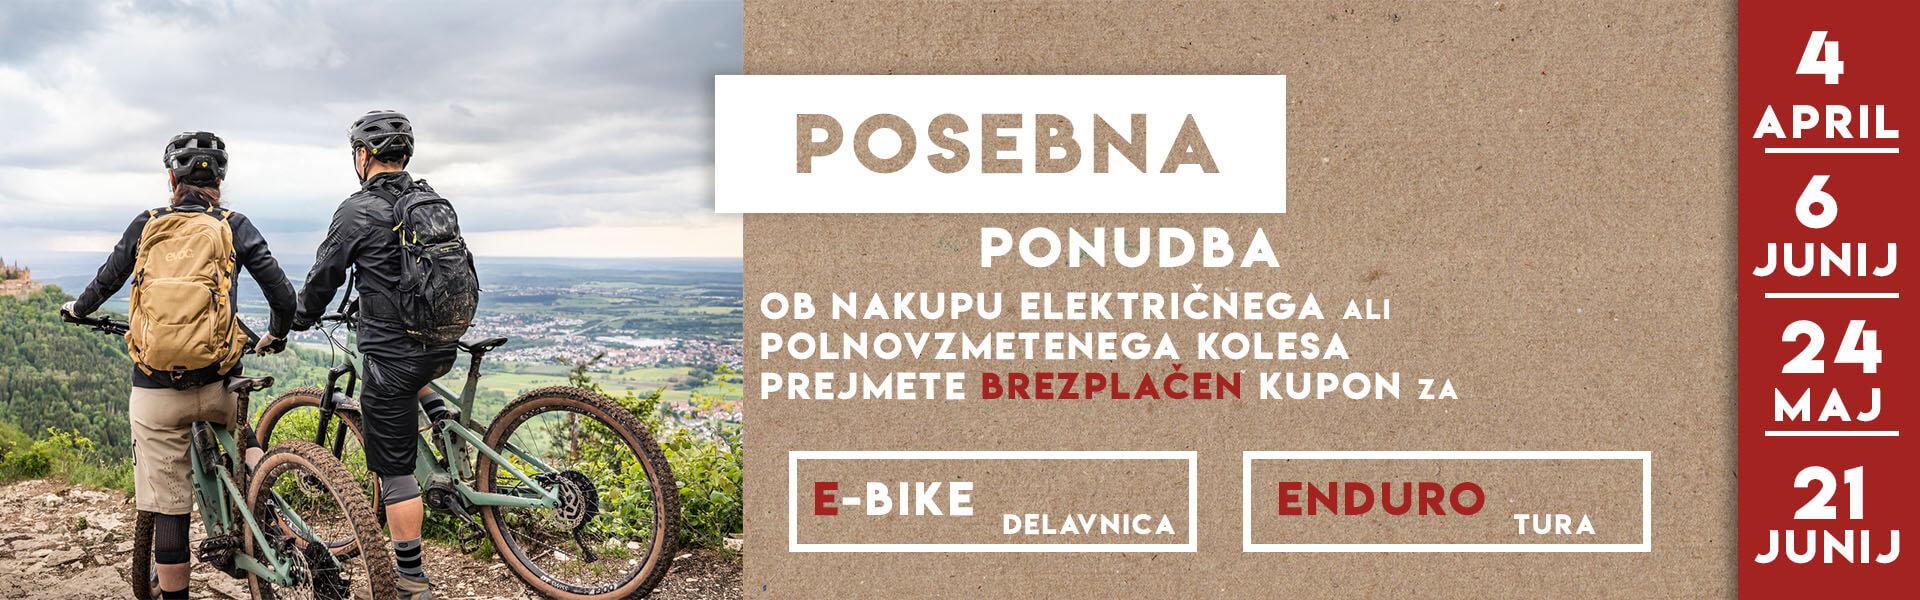 Posebna ponudba ob nakupu kolesa